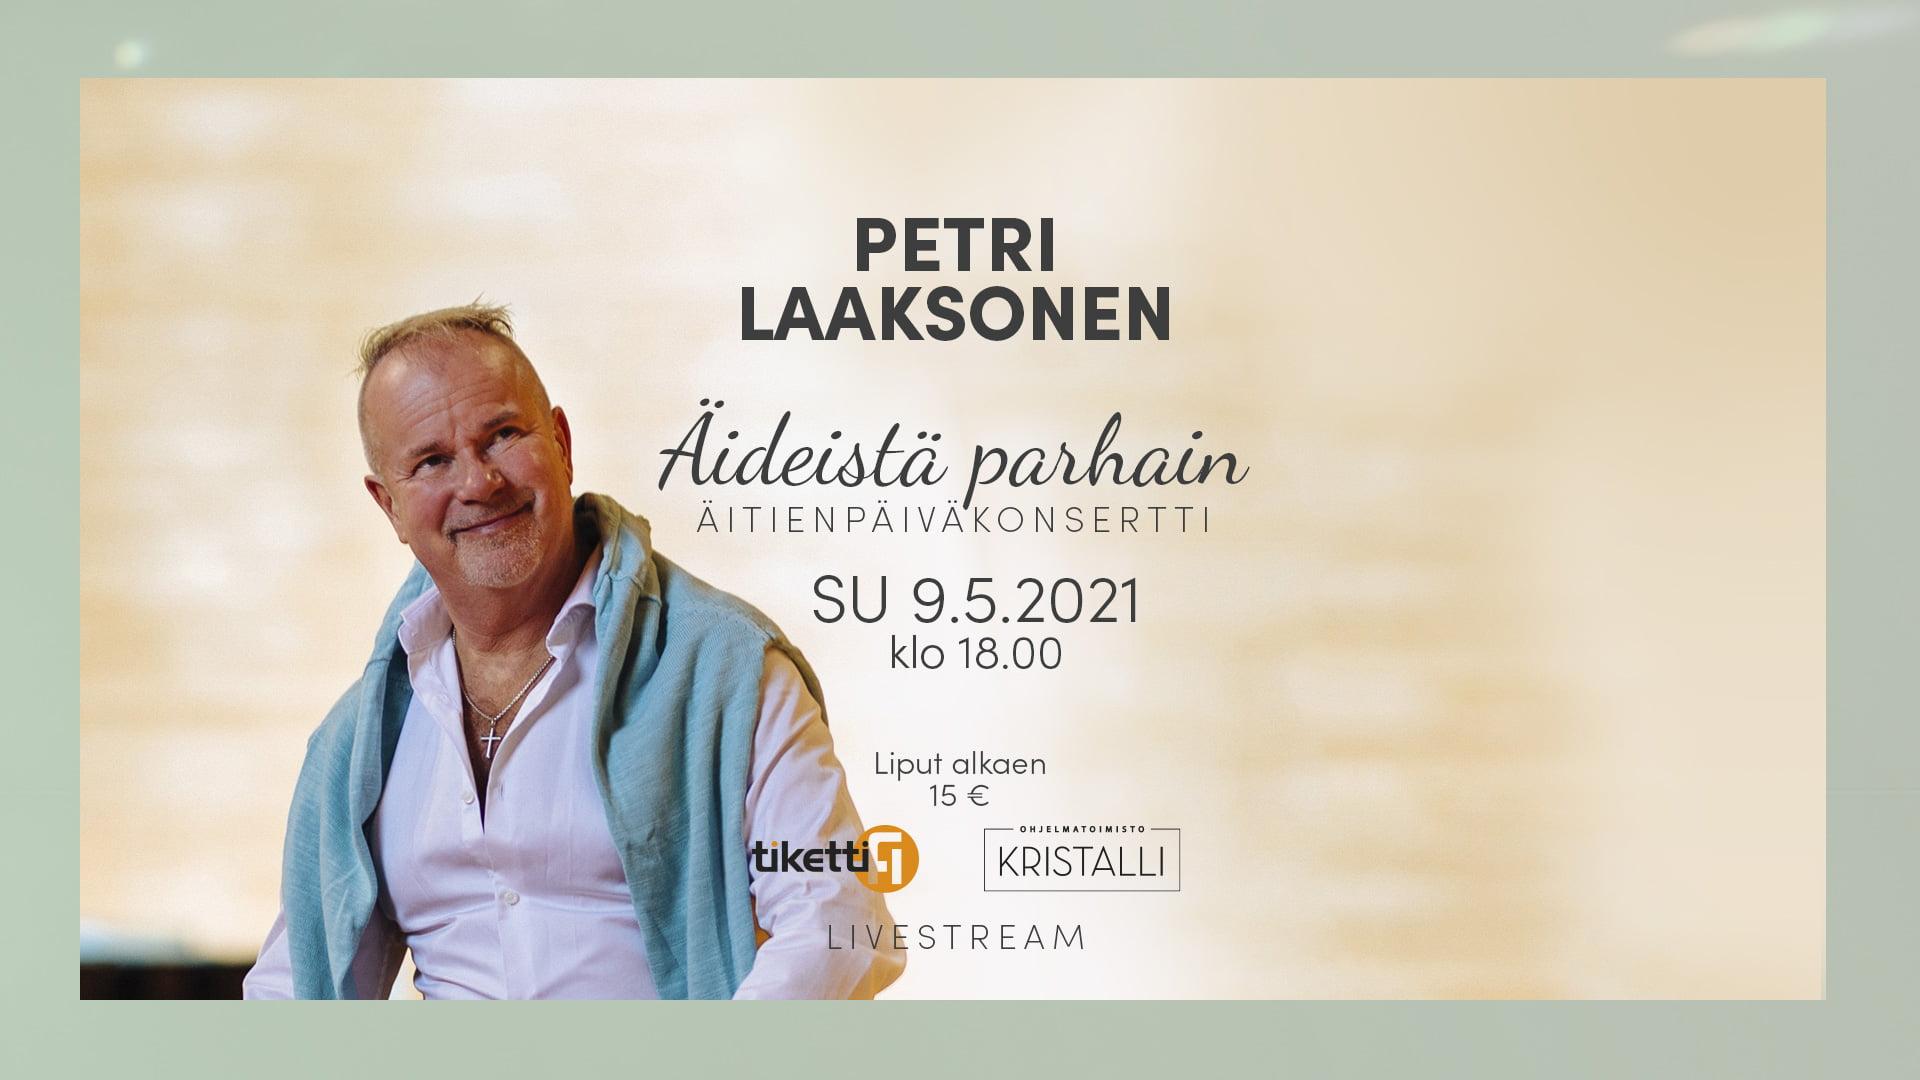 Petri Laaksosen Äideistä parhain – äitienpäiväkonsertti striimattuna 9.5.2021, klo 18.00